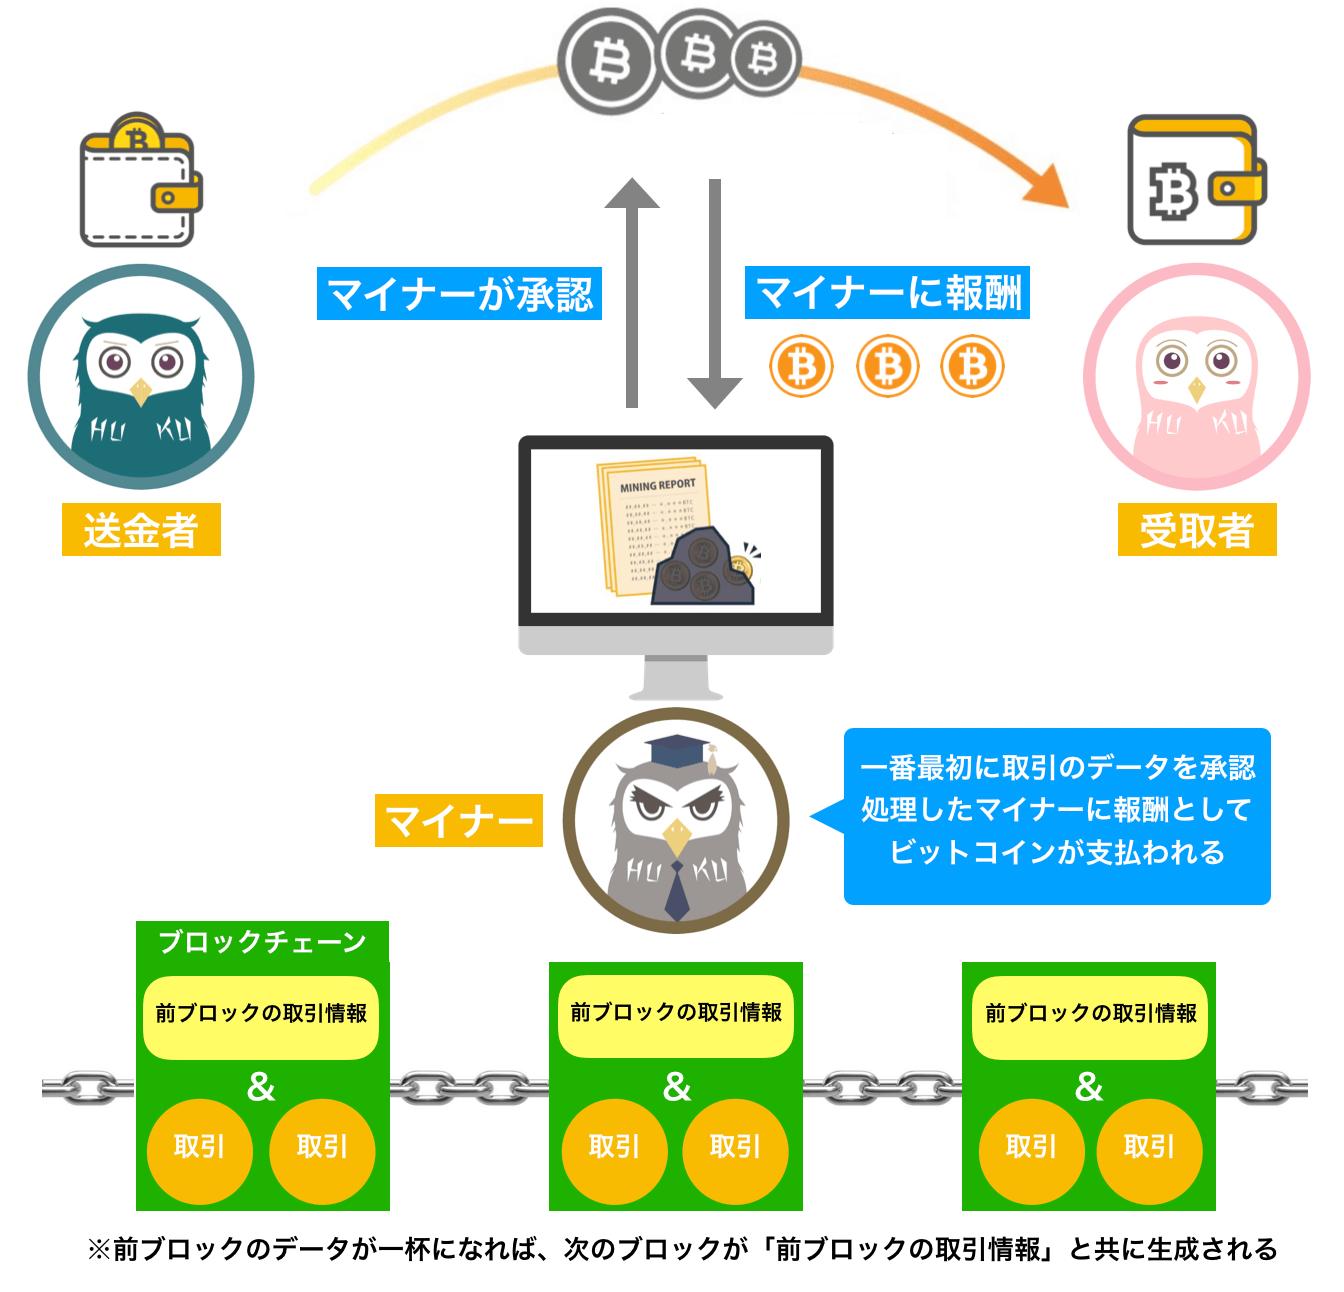 ブロックチェーンの記録管理(分散型)